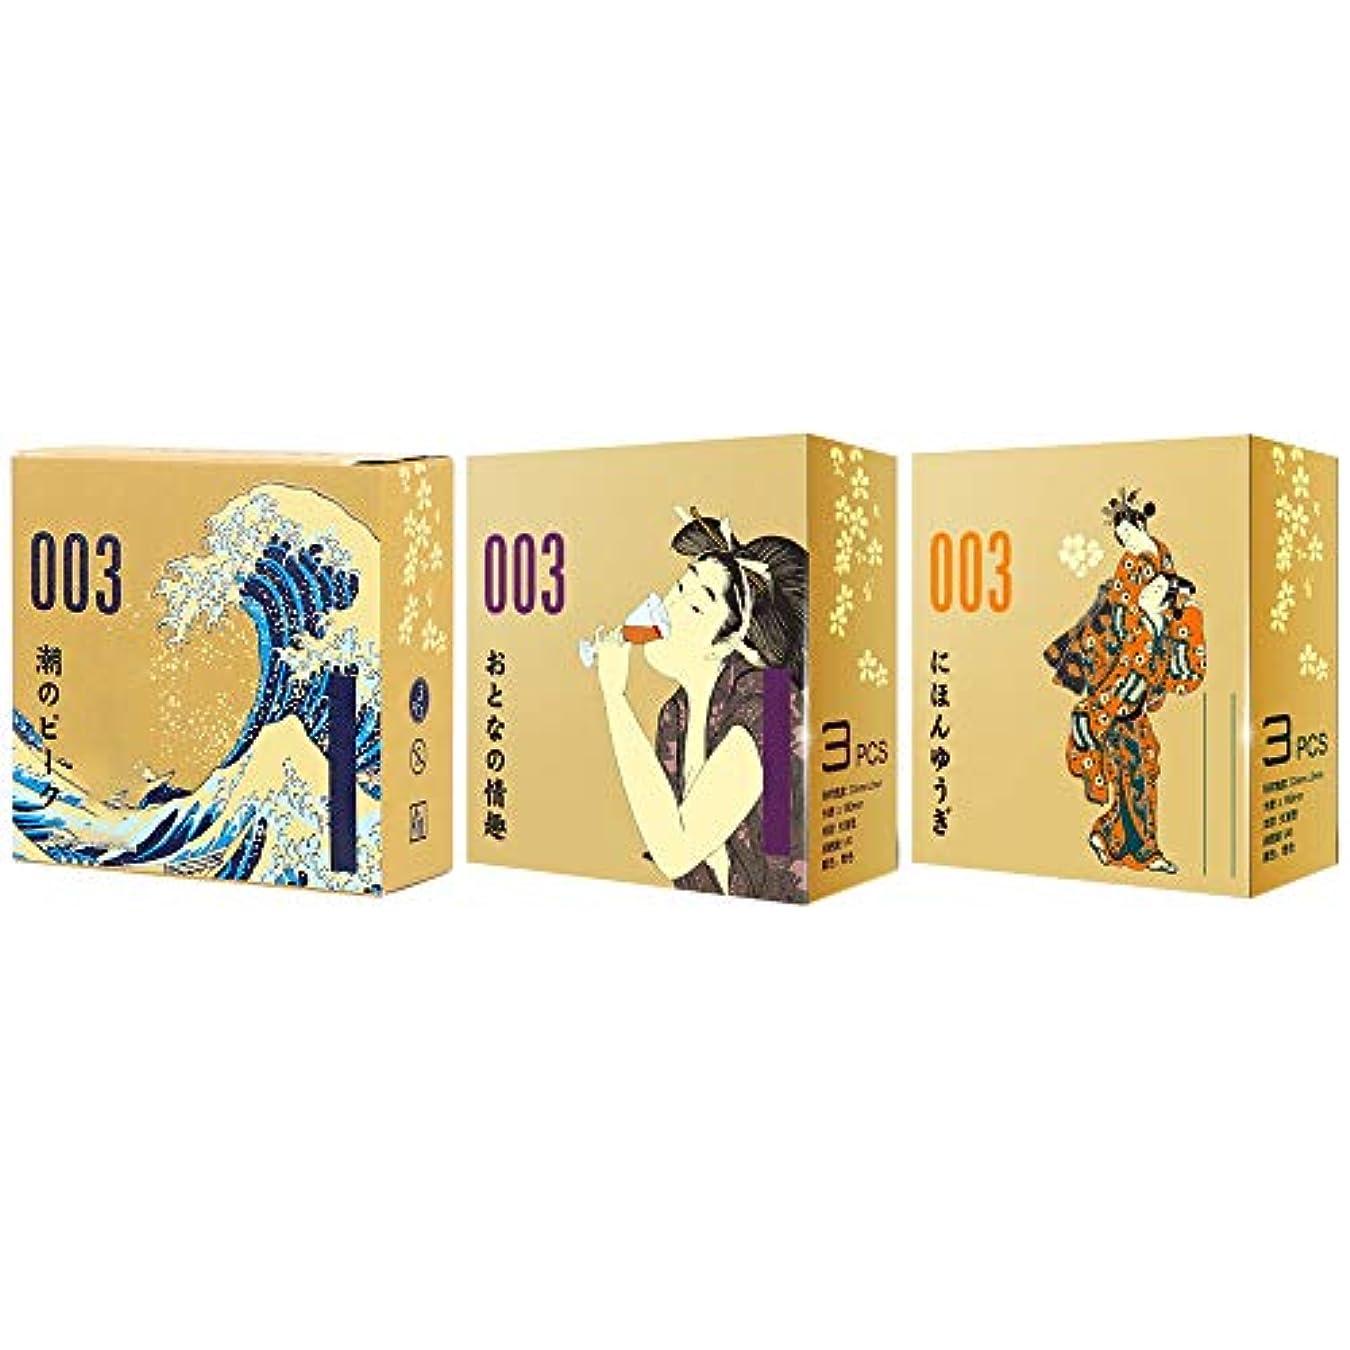 官僚舌な贈り物YAMIKA 0.01コンドーム 極薄 5個入り*3 極薄コンドーム 業務用 特製コンドーム ヒアルロン酸 遅延 スパイクコンドーム 大人のおもちゃ